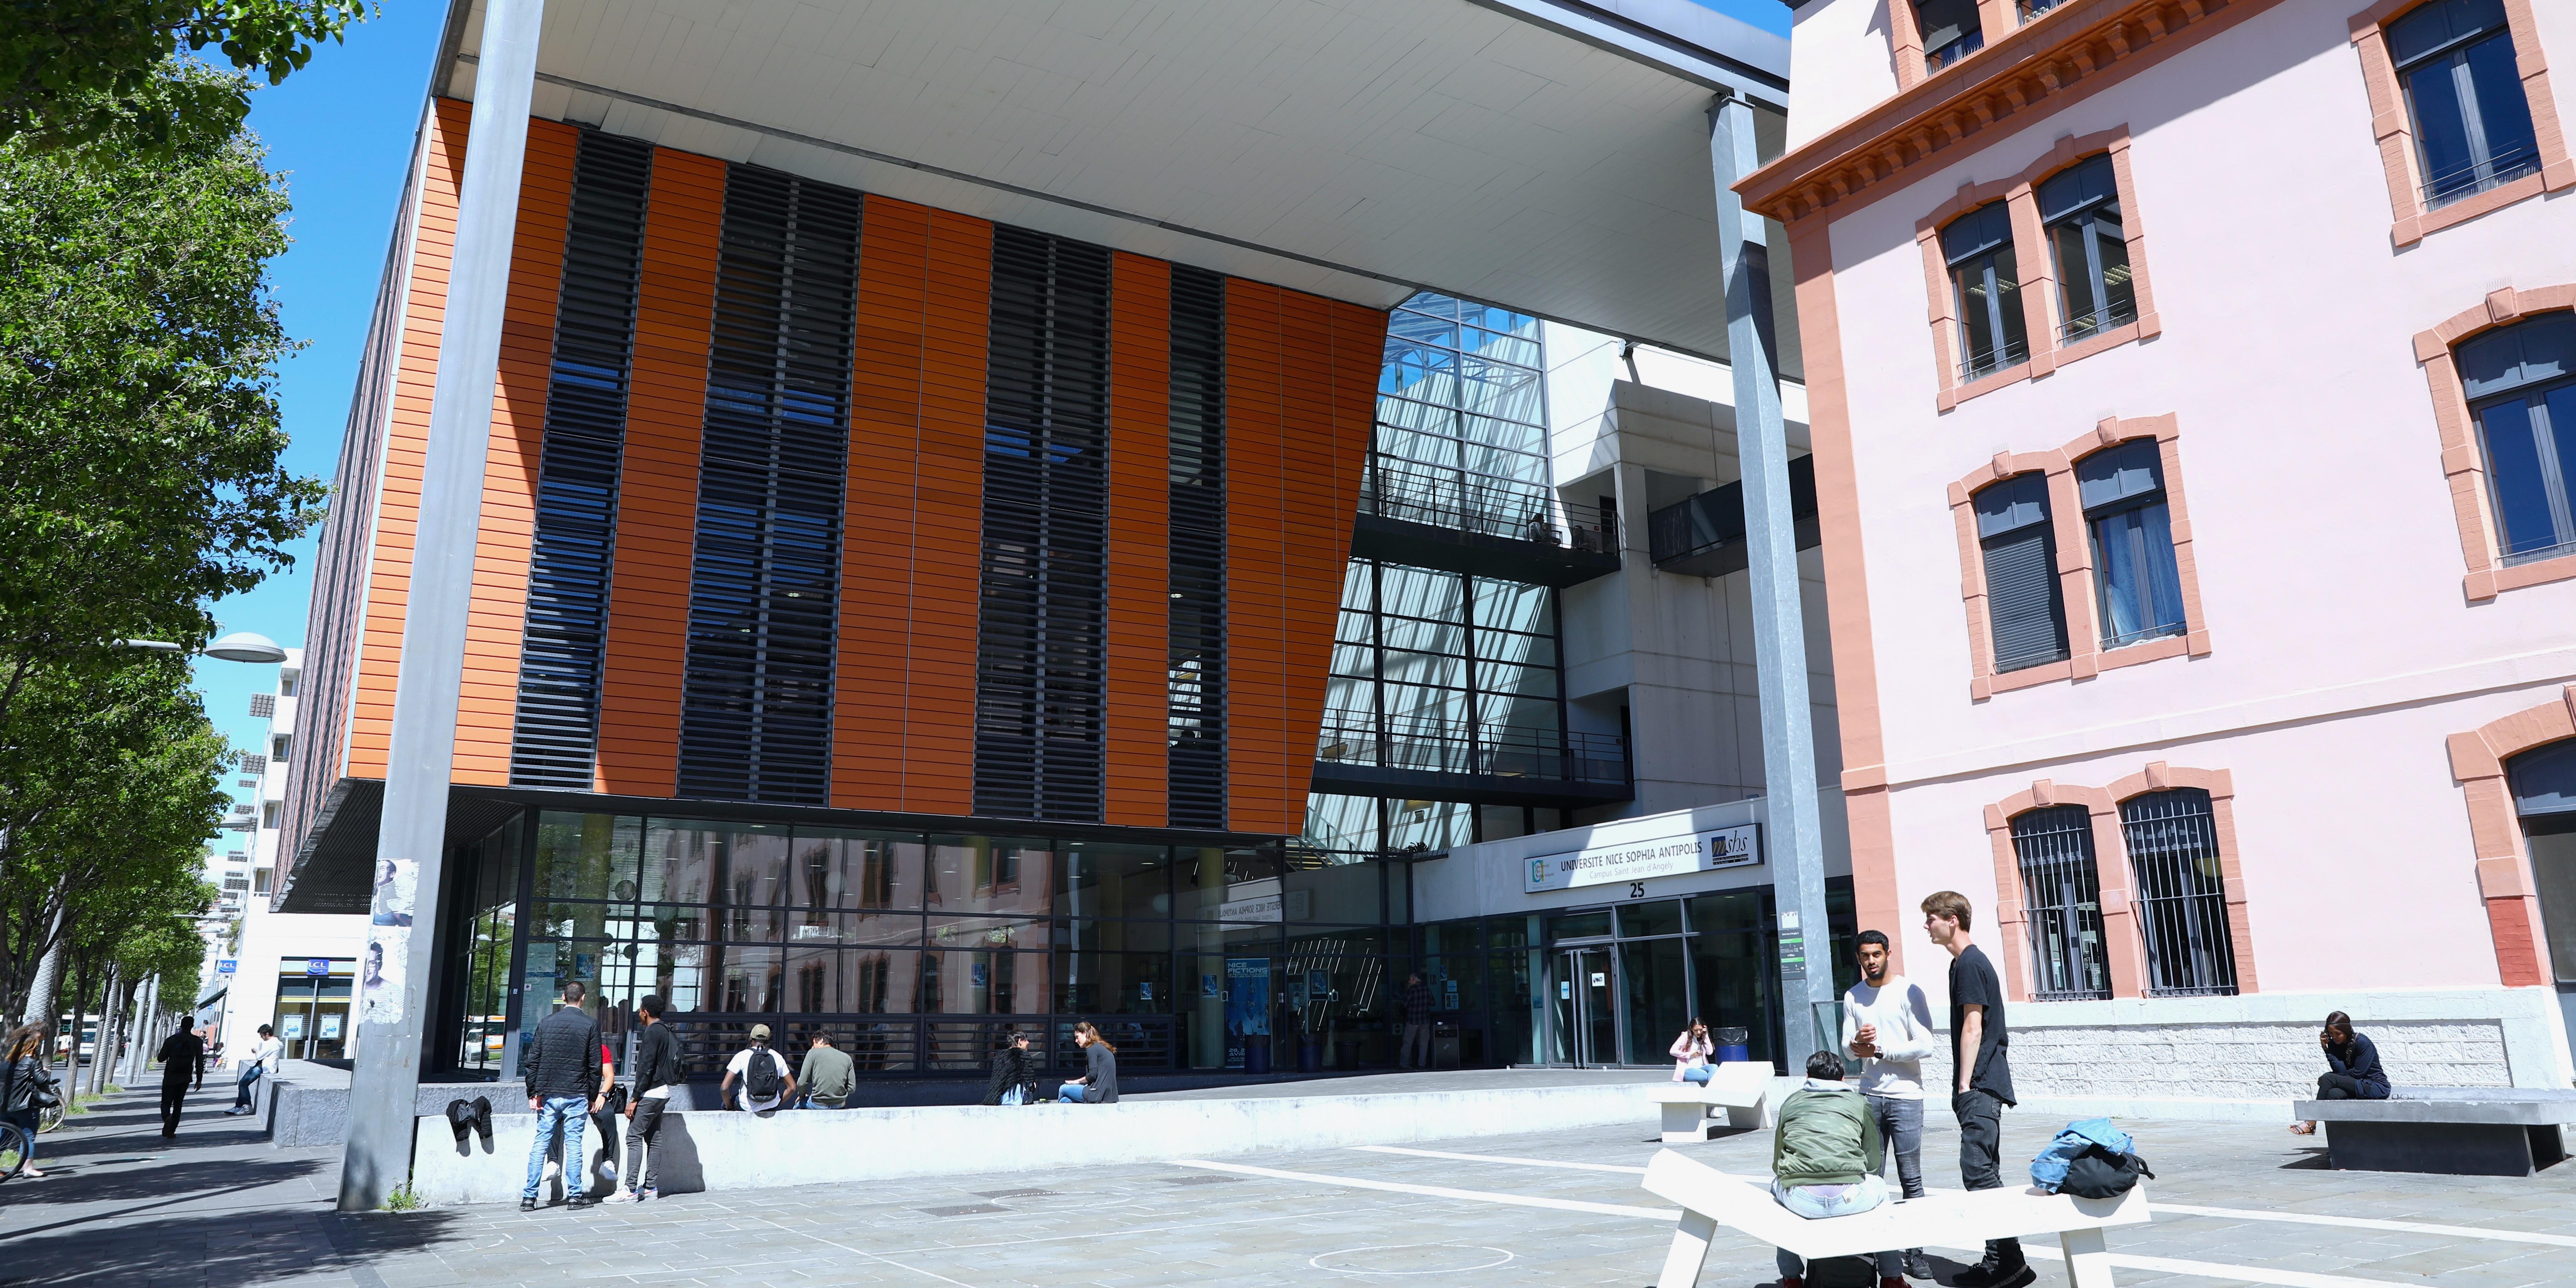 Maison études doctorales